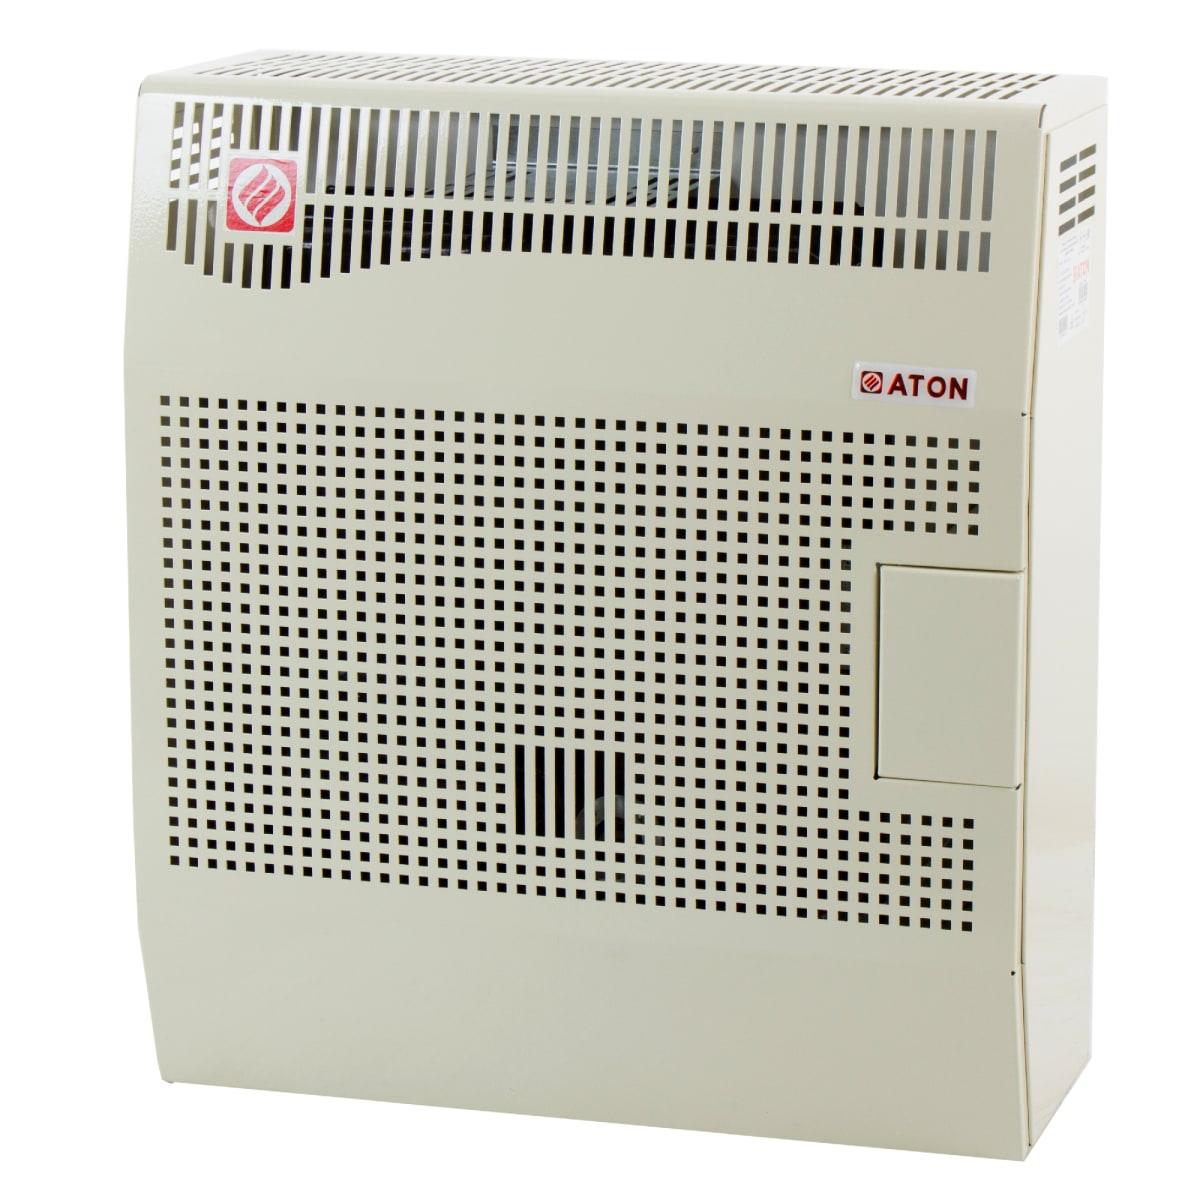 Конвектор газовый Vektor Aton, 3 кВт